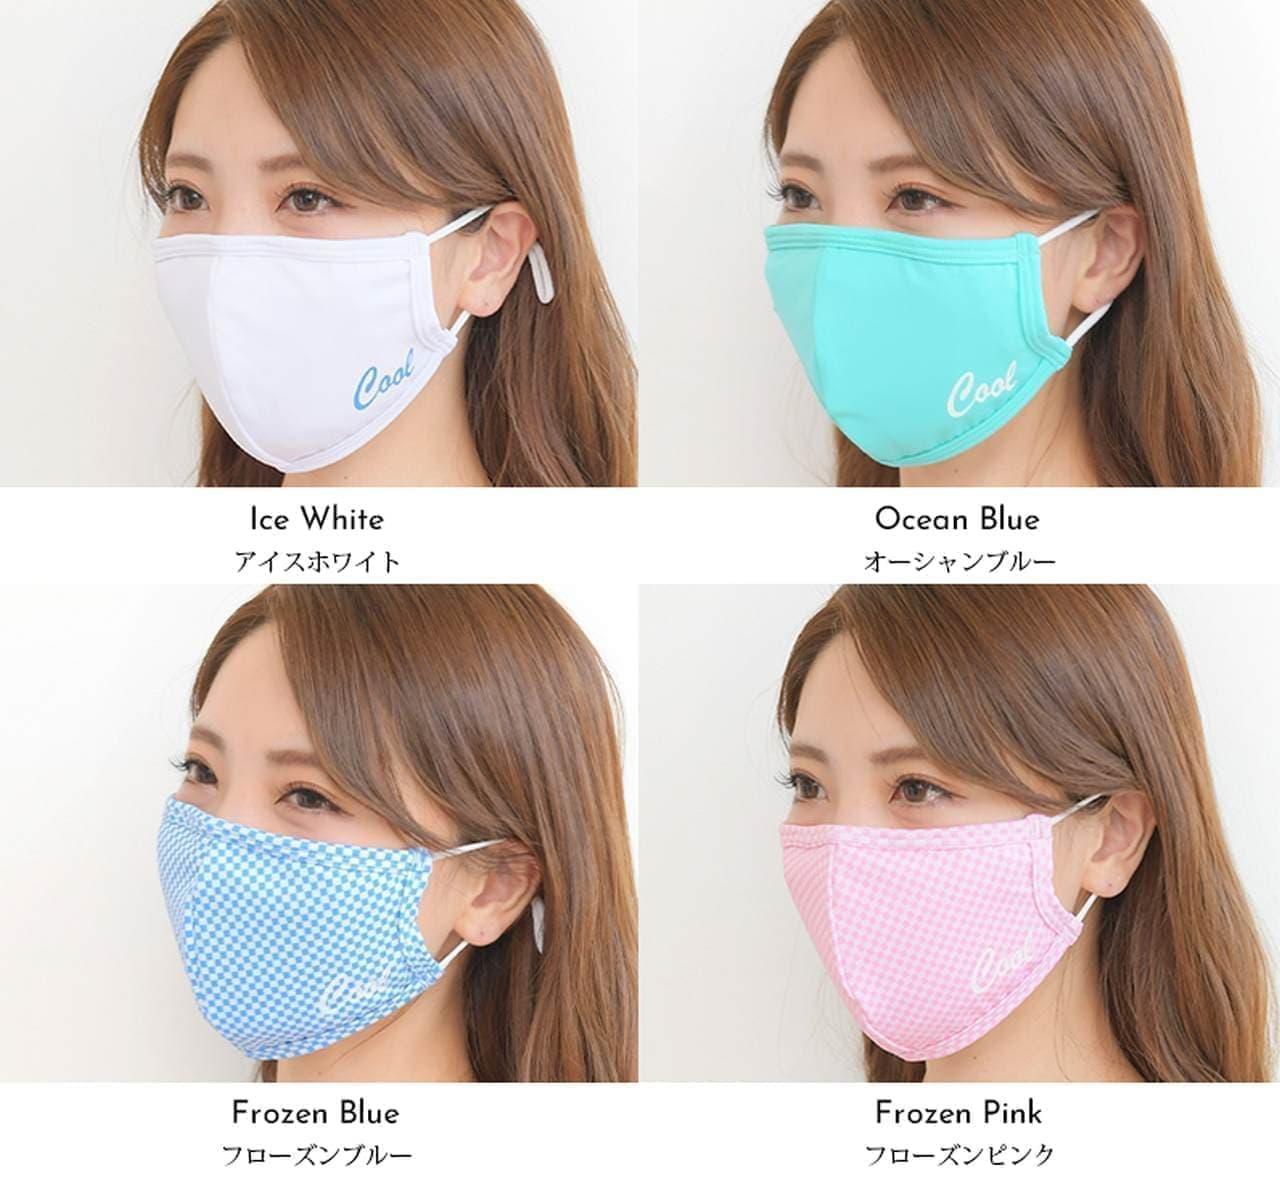 水着メーカーの夏マスク Pixy Party「UVクールマスク」